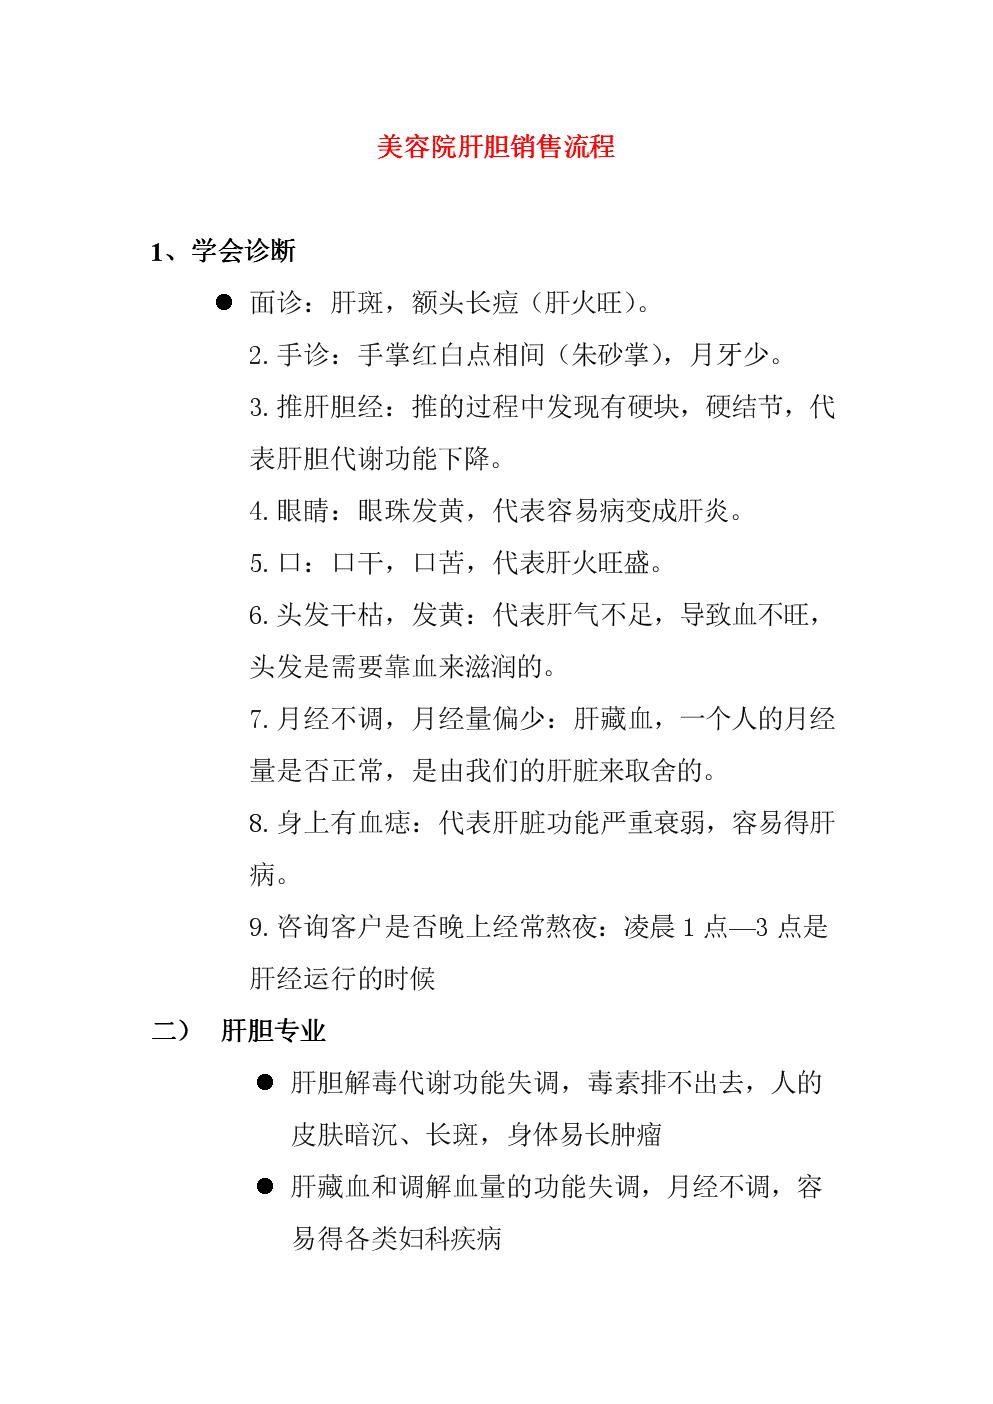 美容院肝胆销售流程.docx